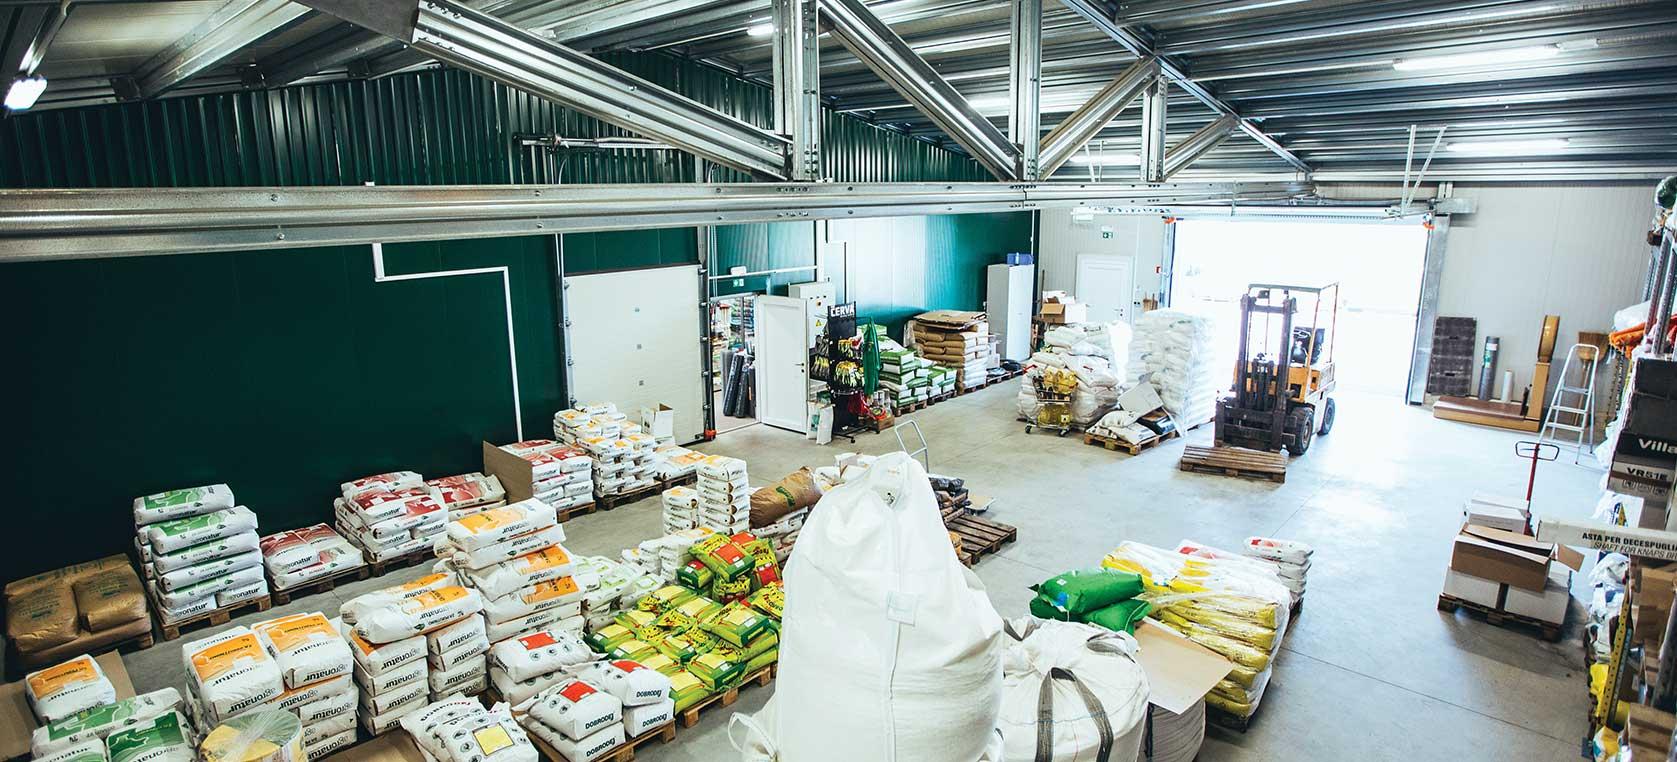 petrovic-konstrukcije-poslovni-prostori-kmetijska-zadruga